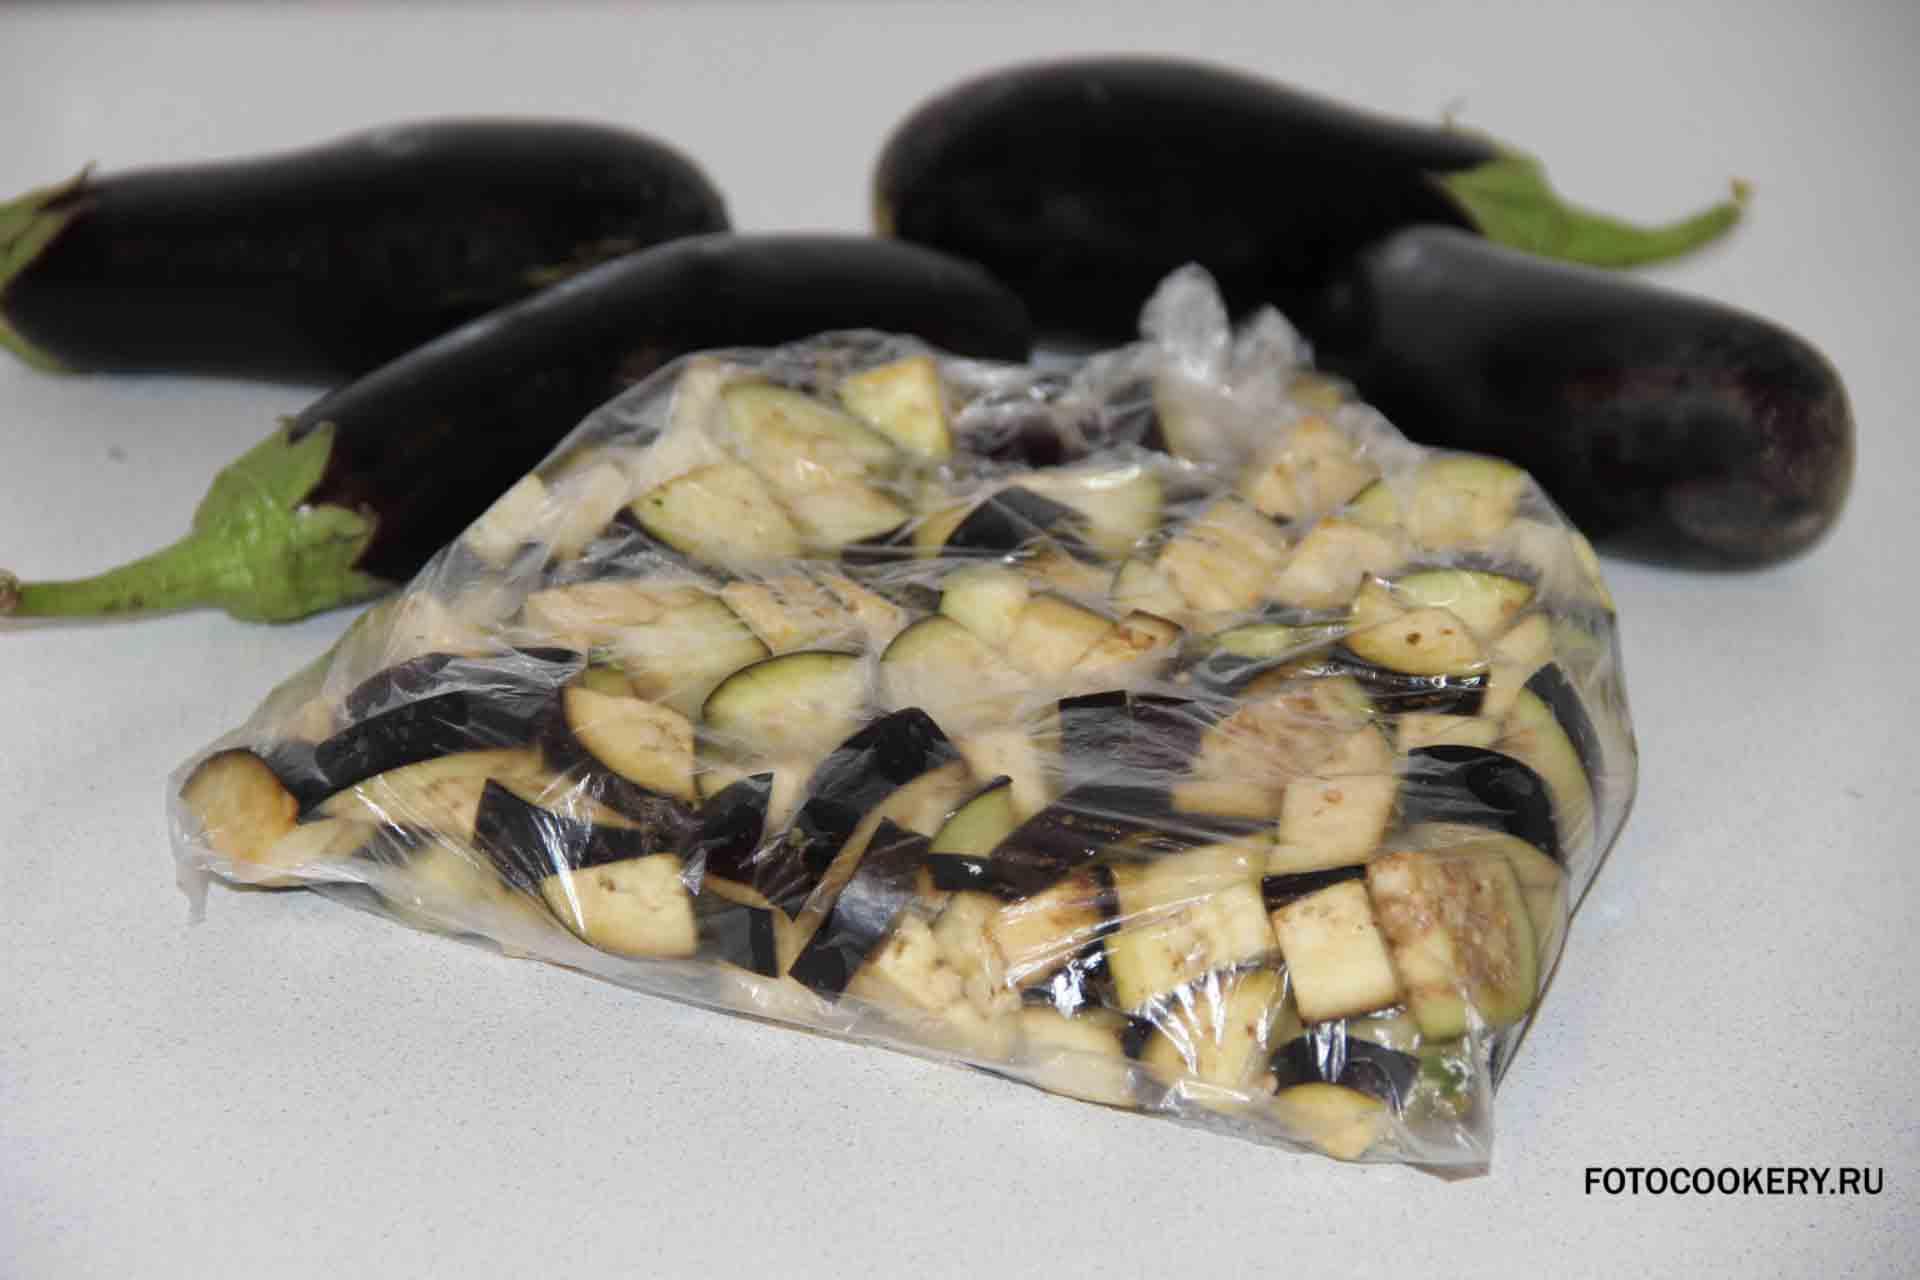 Как заморозить баклажаны на зиму пошагово